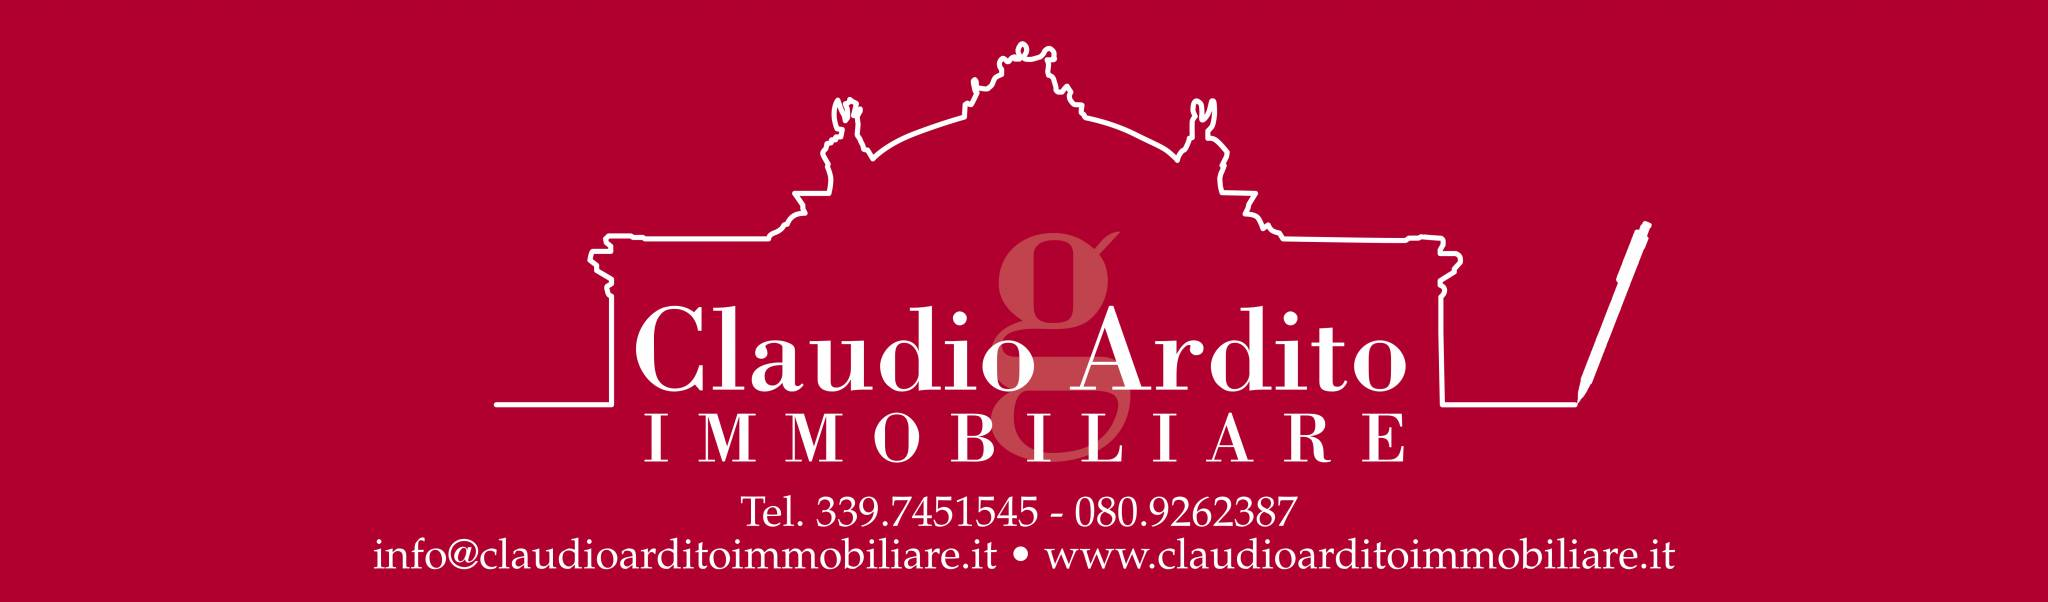 Claudio Ardito